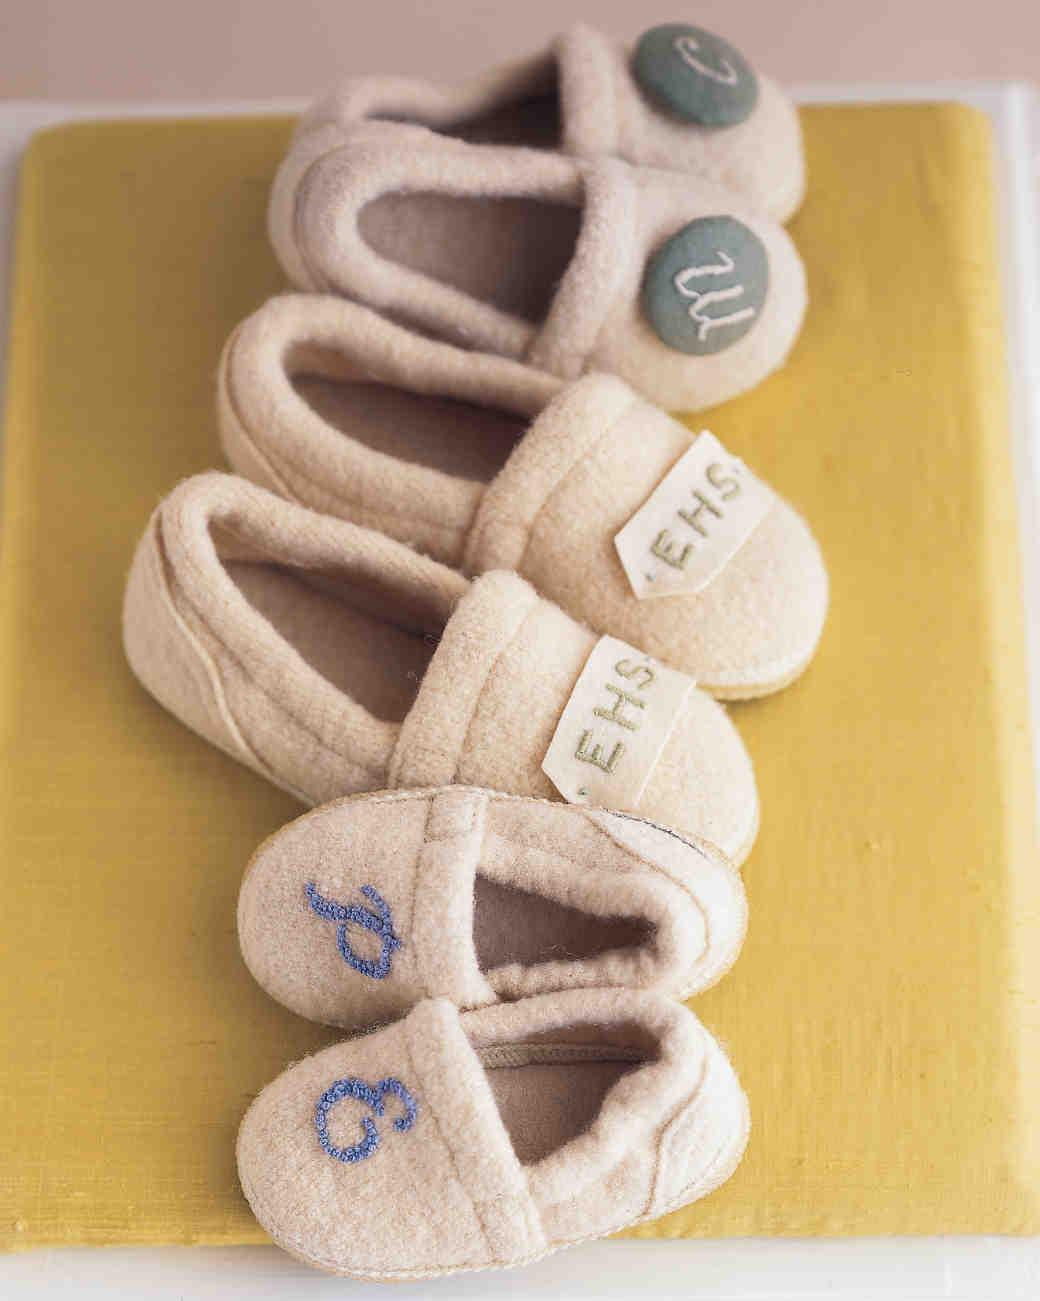 diy-bridesmaid-gifts-monogrammed-slippers-msl-0515.jpg